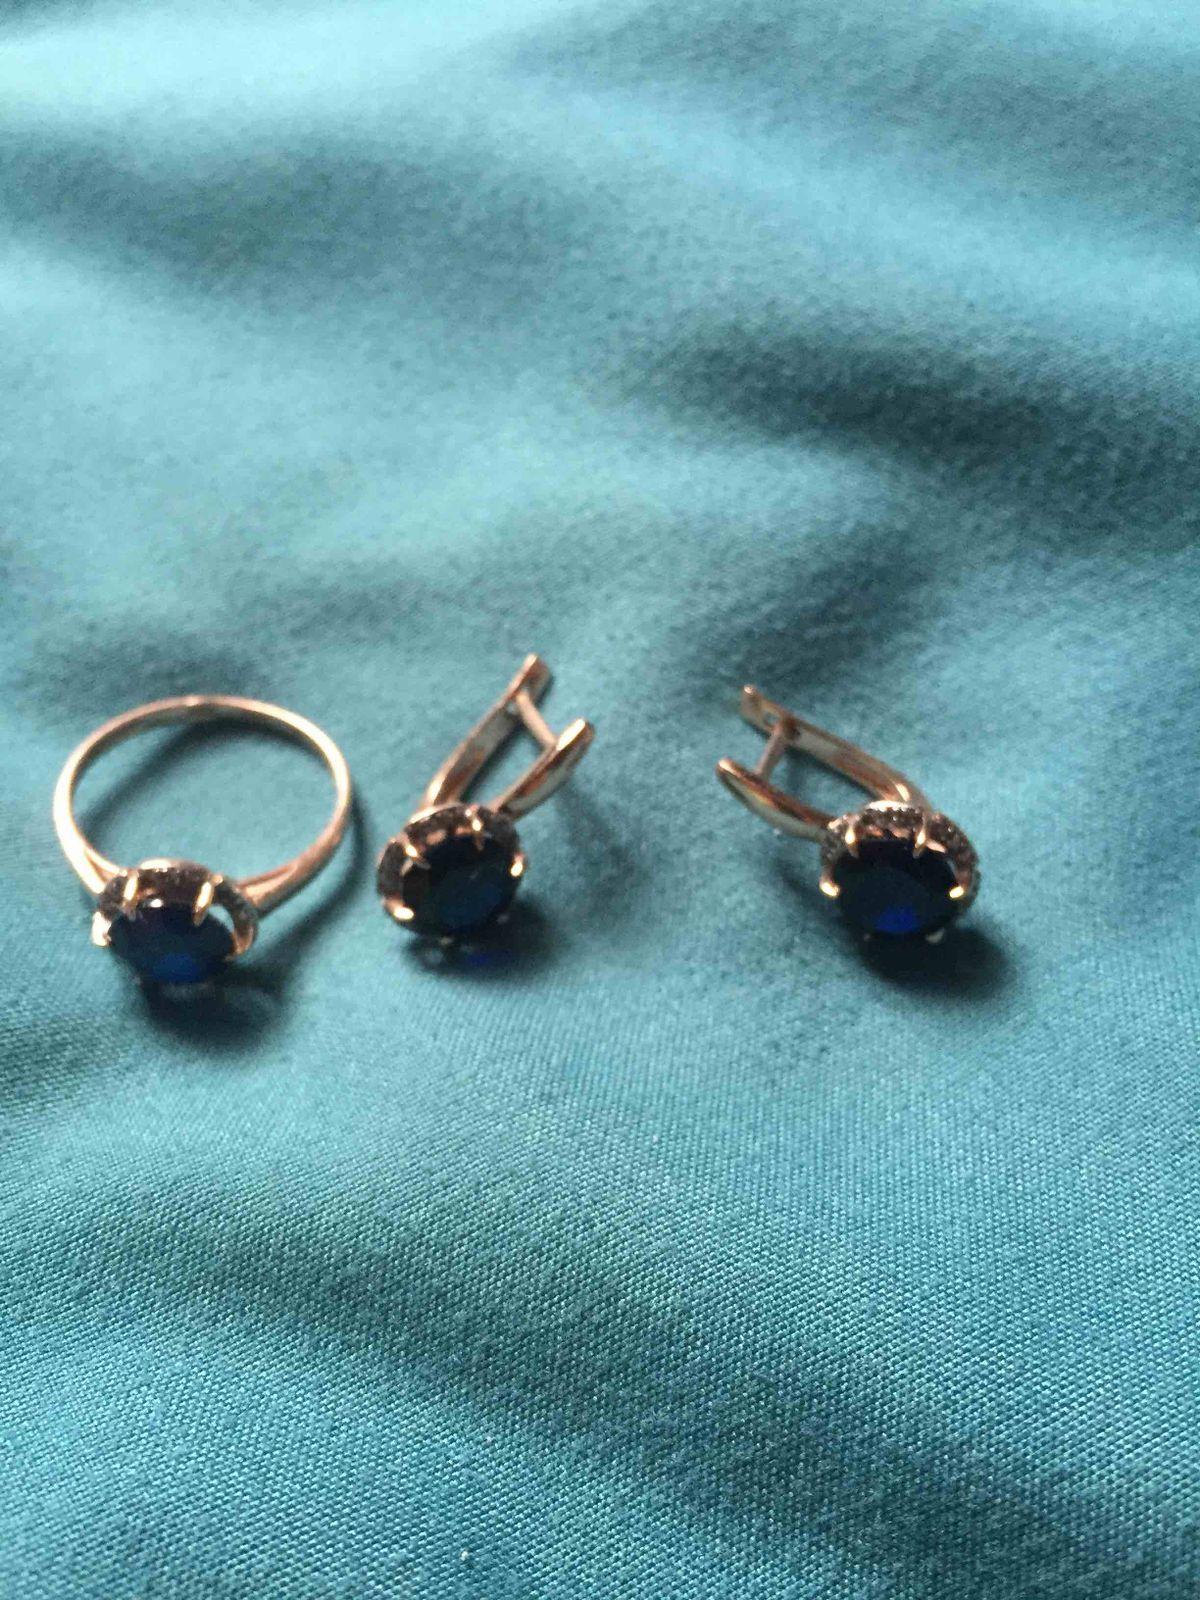 Золотое кольцо с сапфирами и бриллиантами и серьги. Очень богатый дизайн.